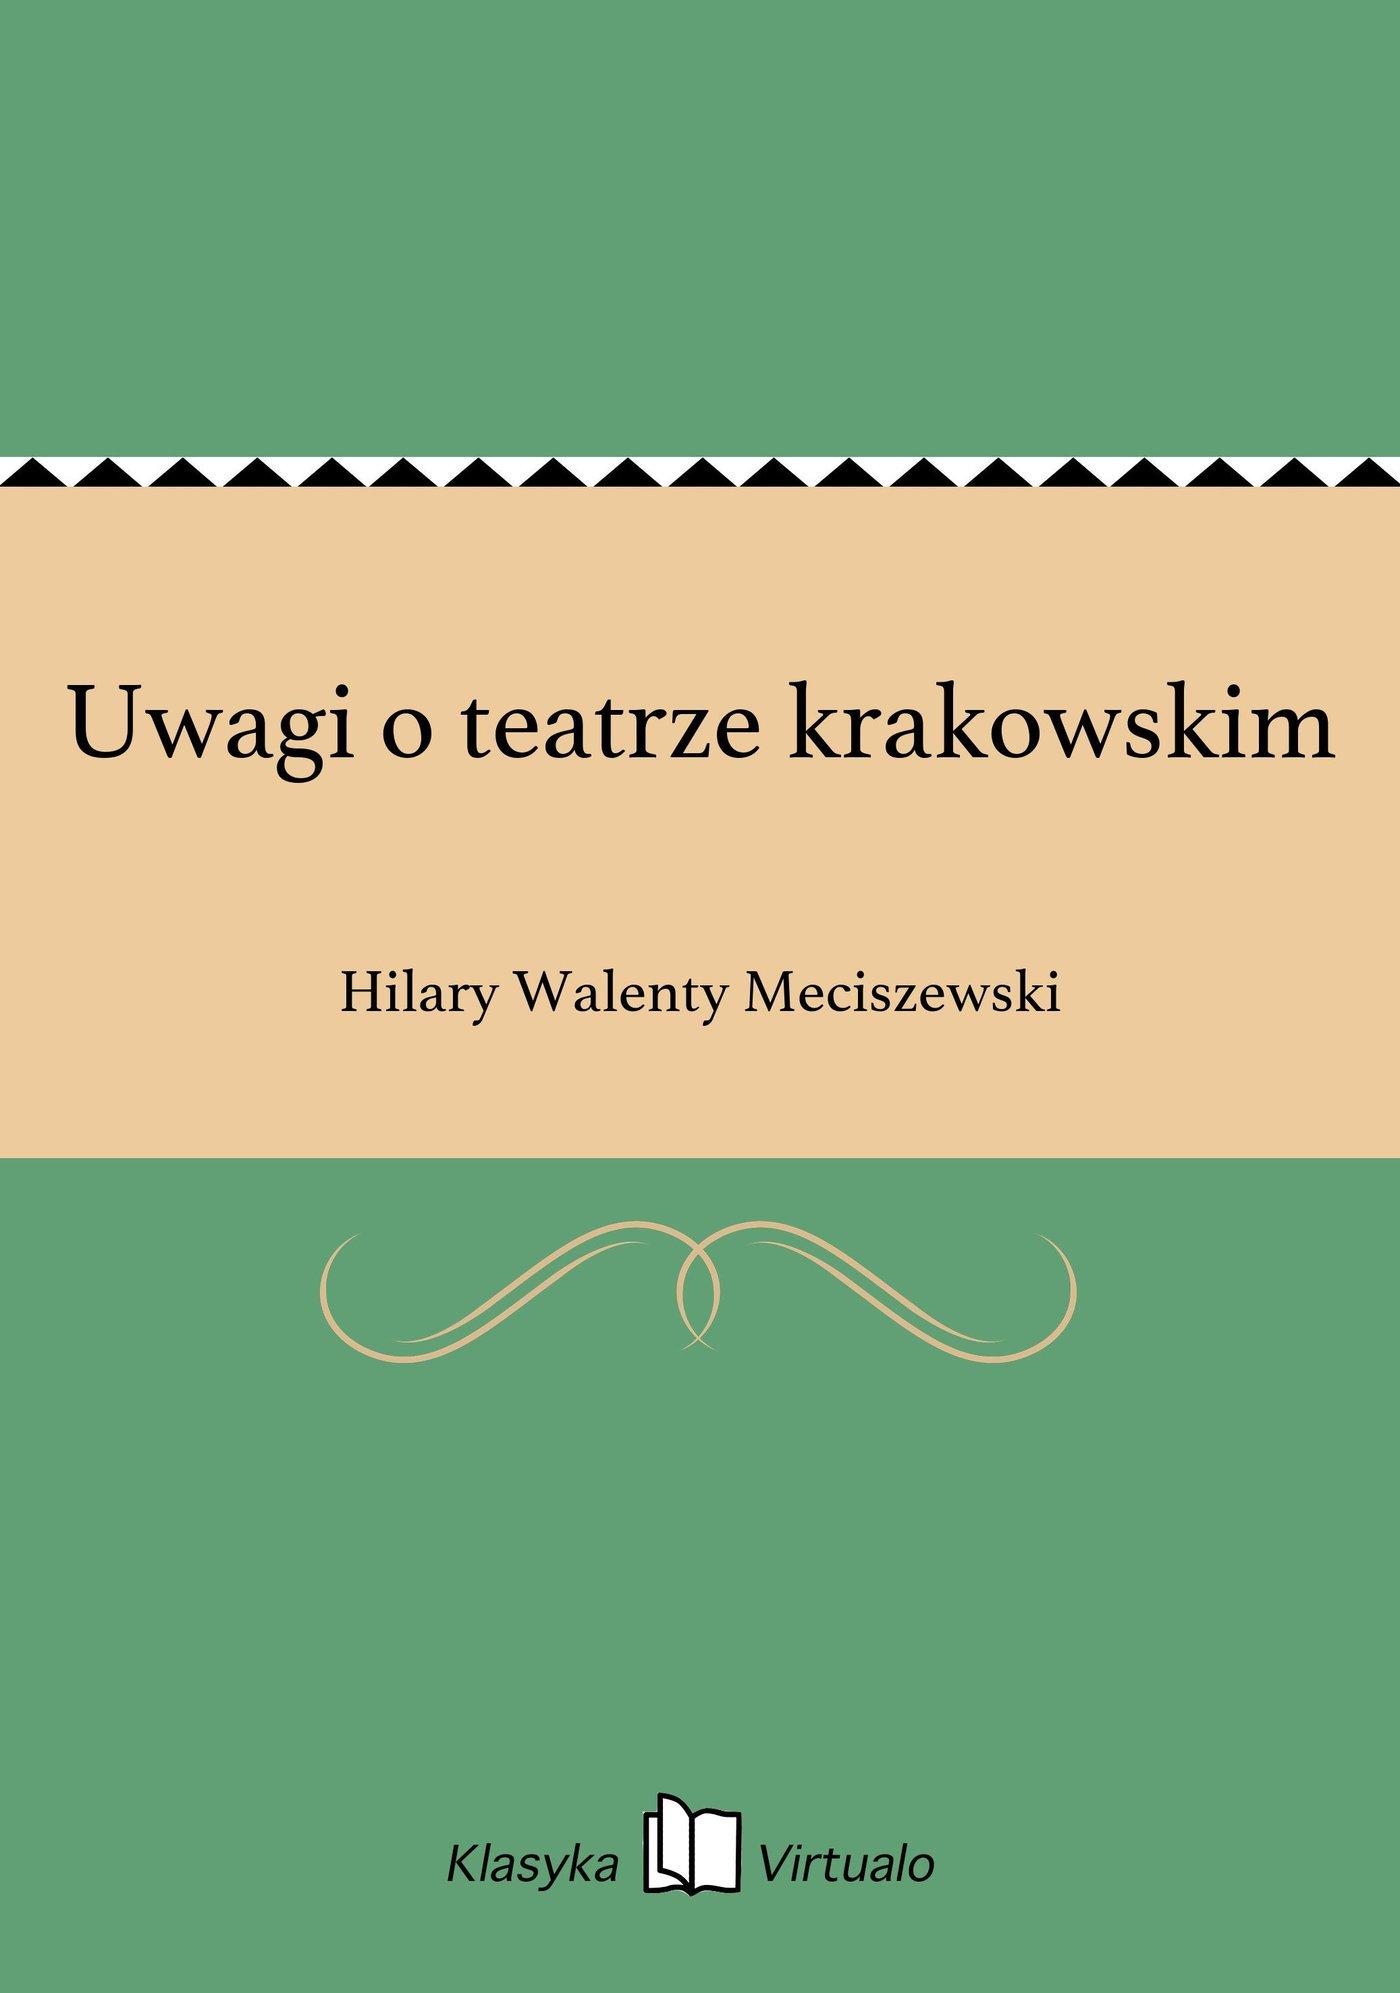 Uwagi o teatrze krakowskim - Ebook (Książka EPUB) do pobrania w formacie EPUB